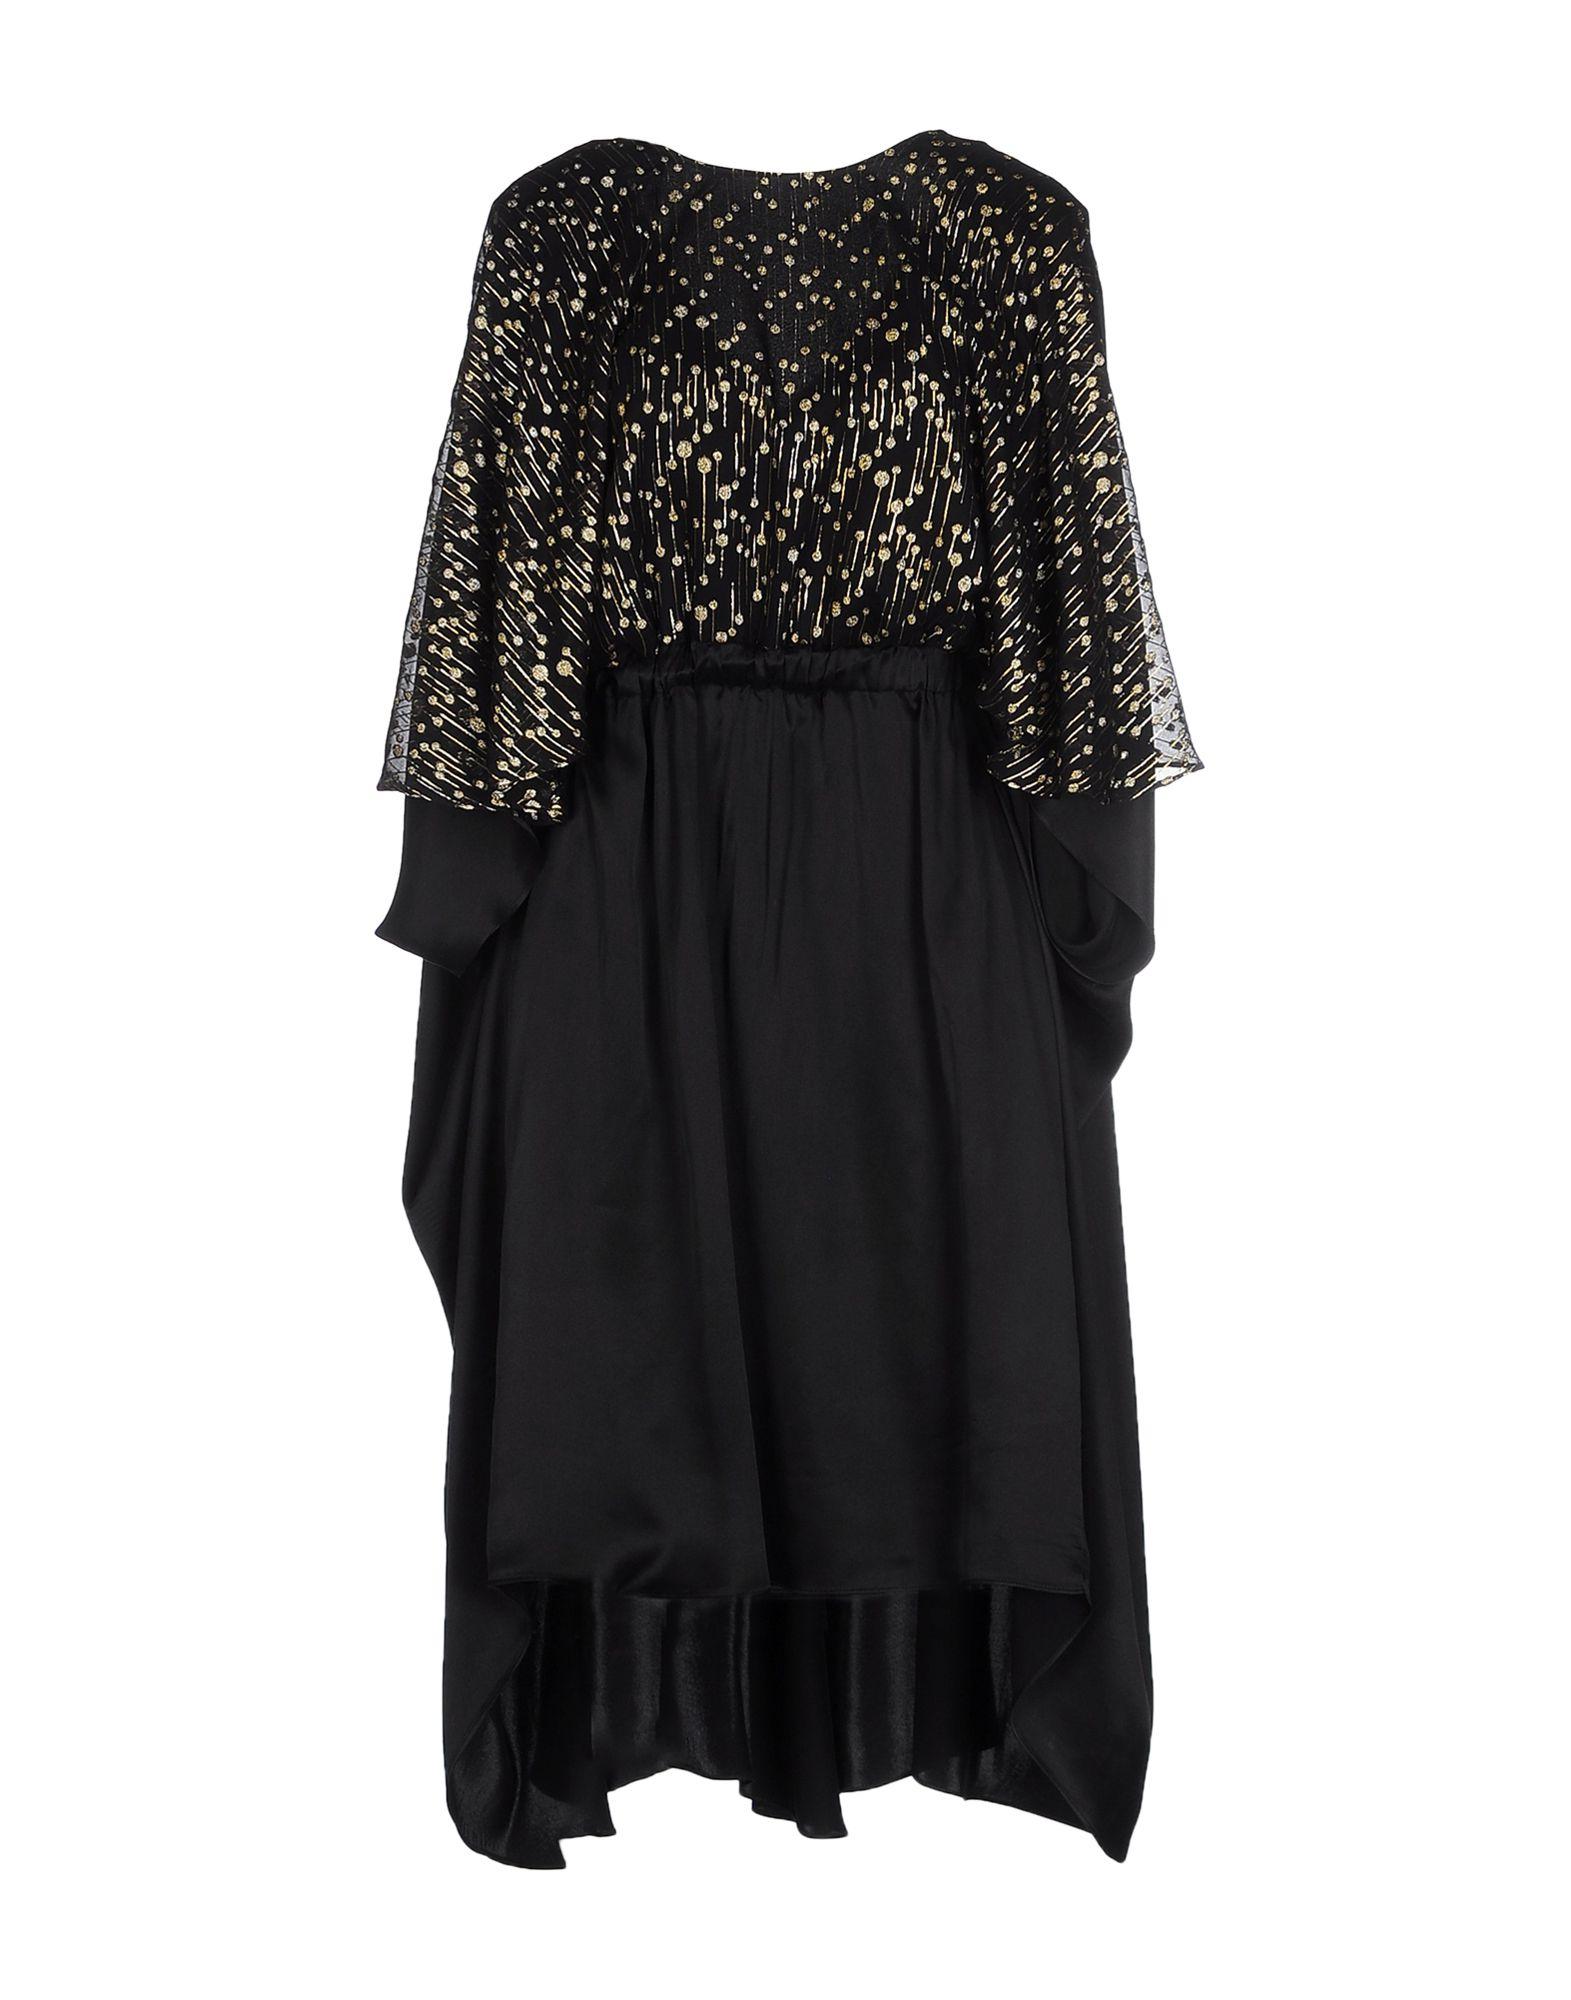 купить EYEDOLL Короткое платье по цене 16800 рублей